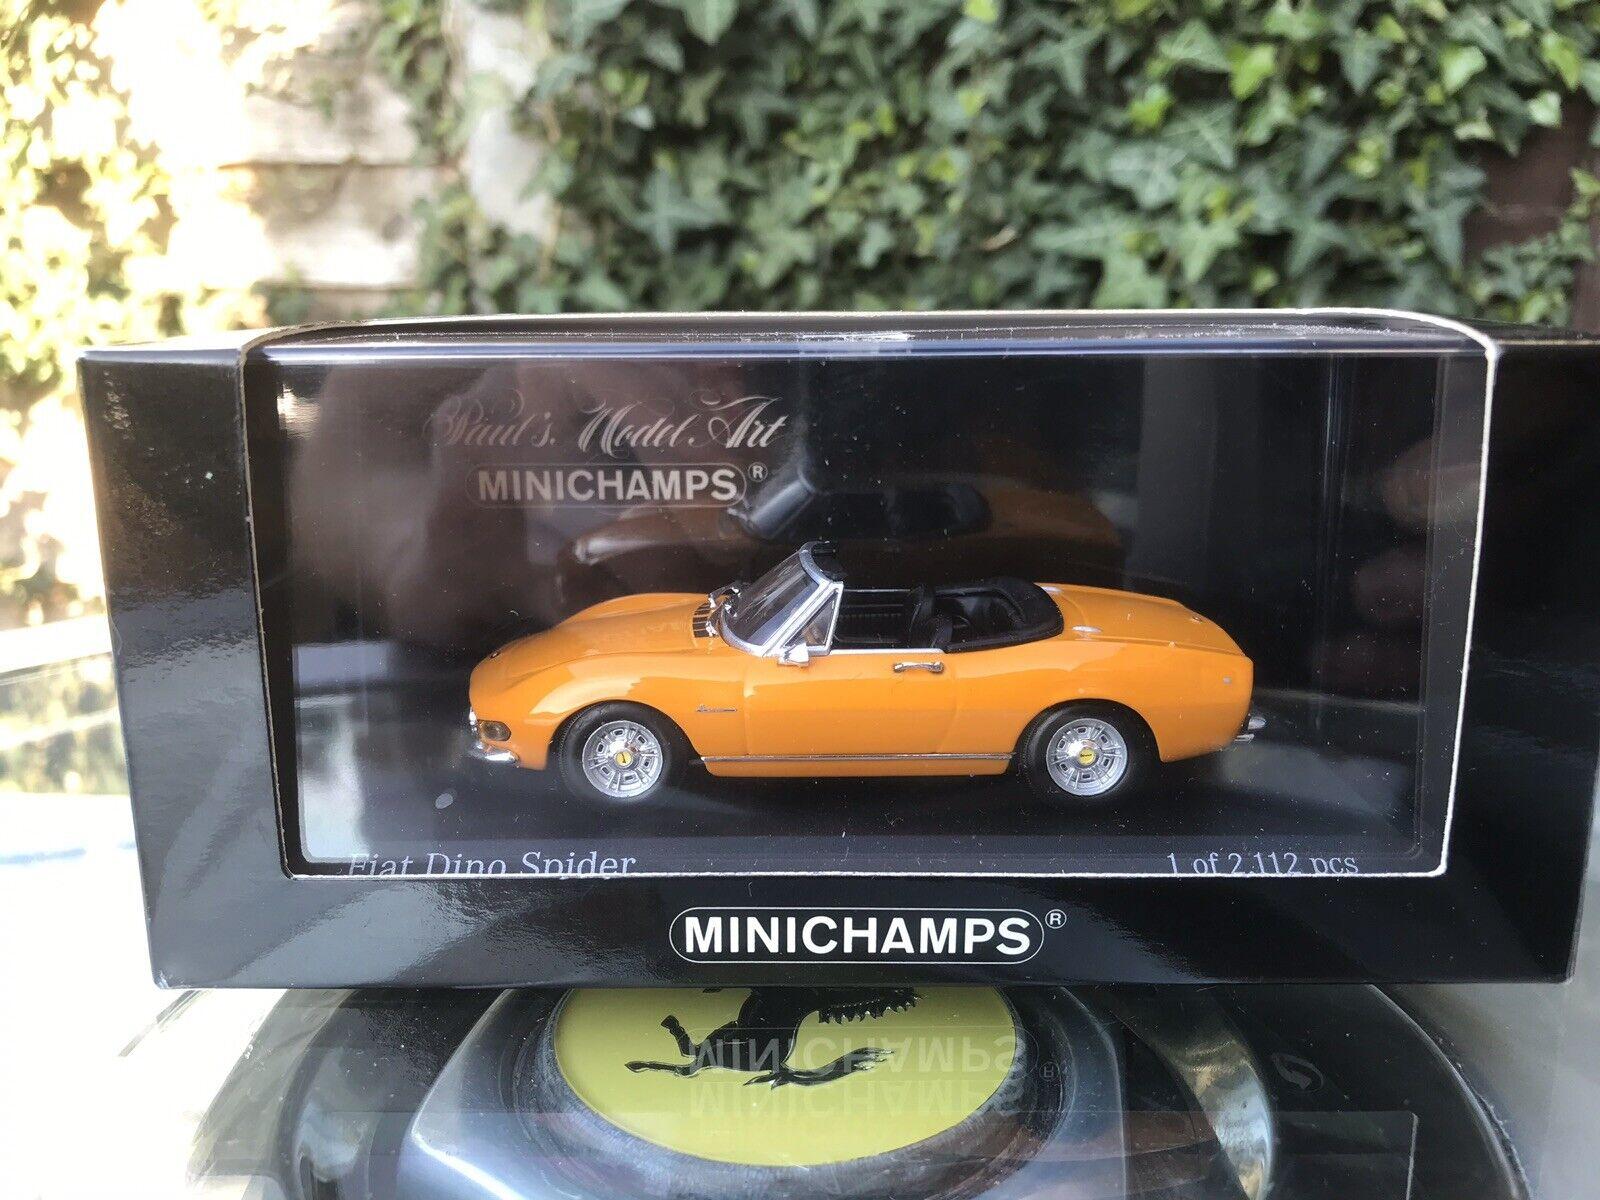 Minichamps Fiat Dino Spider 1972 jaune 1 43 En parfait état, dans sa boîte LTD ED jaune POSTANO